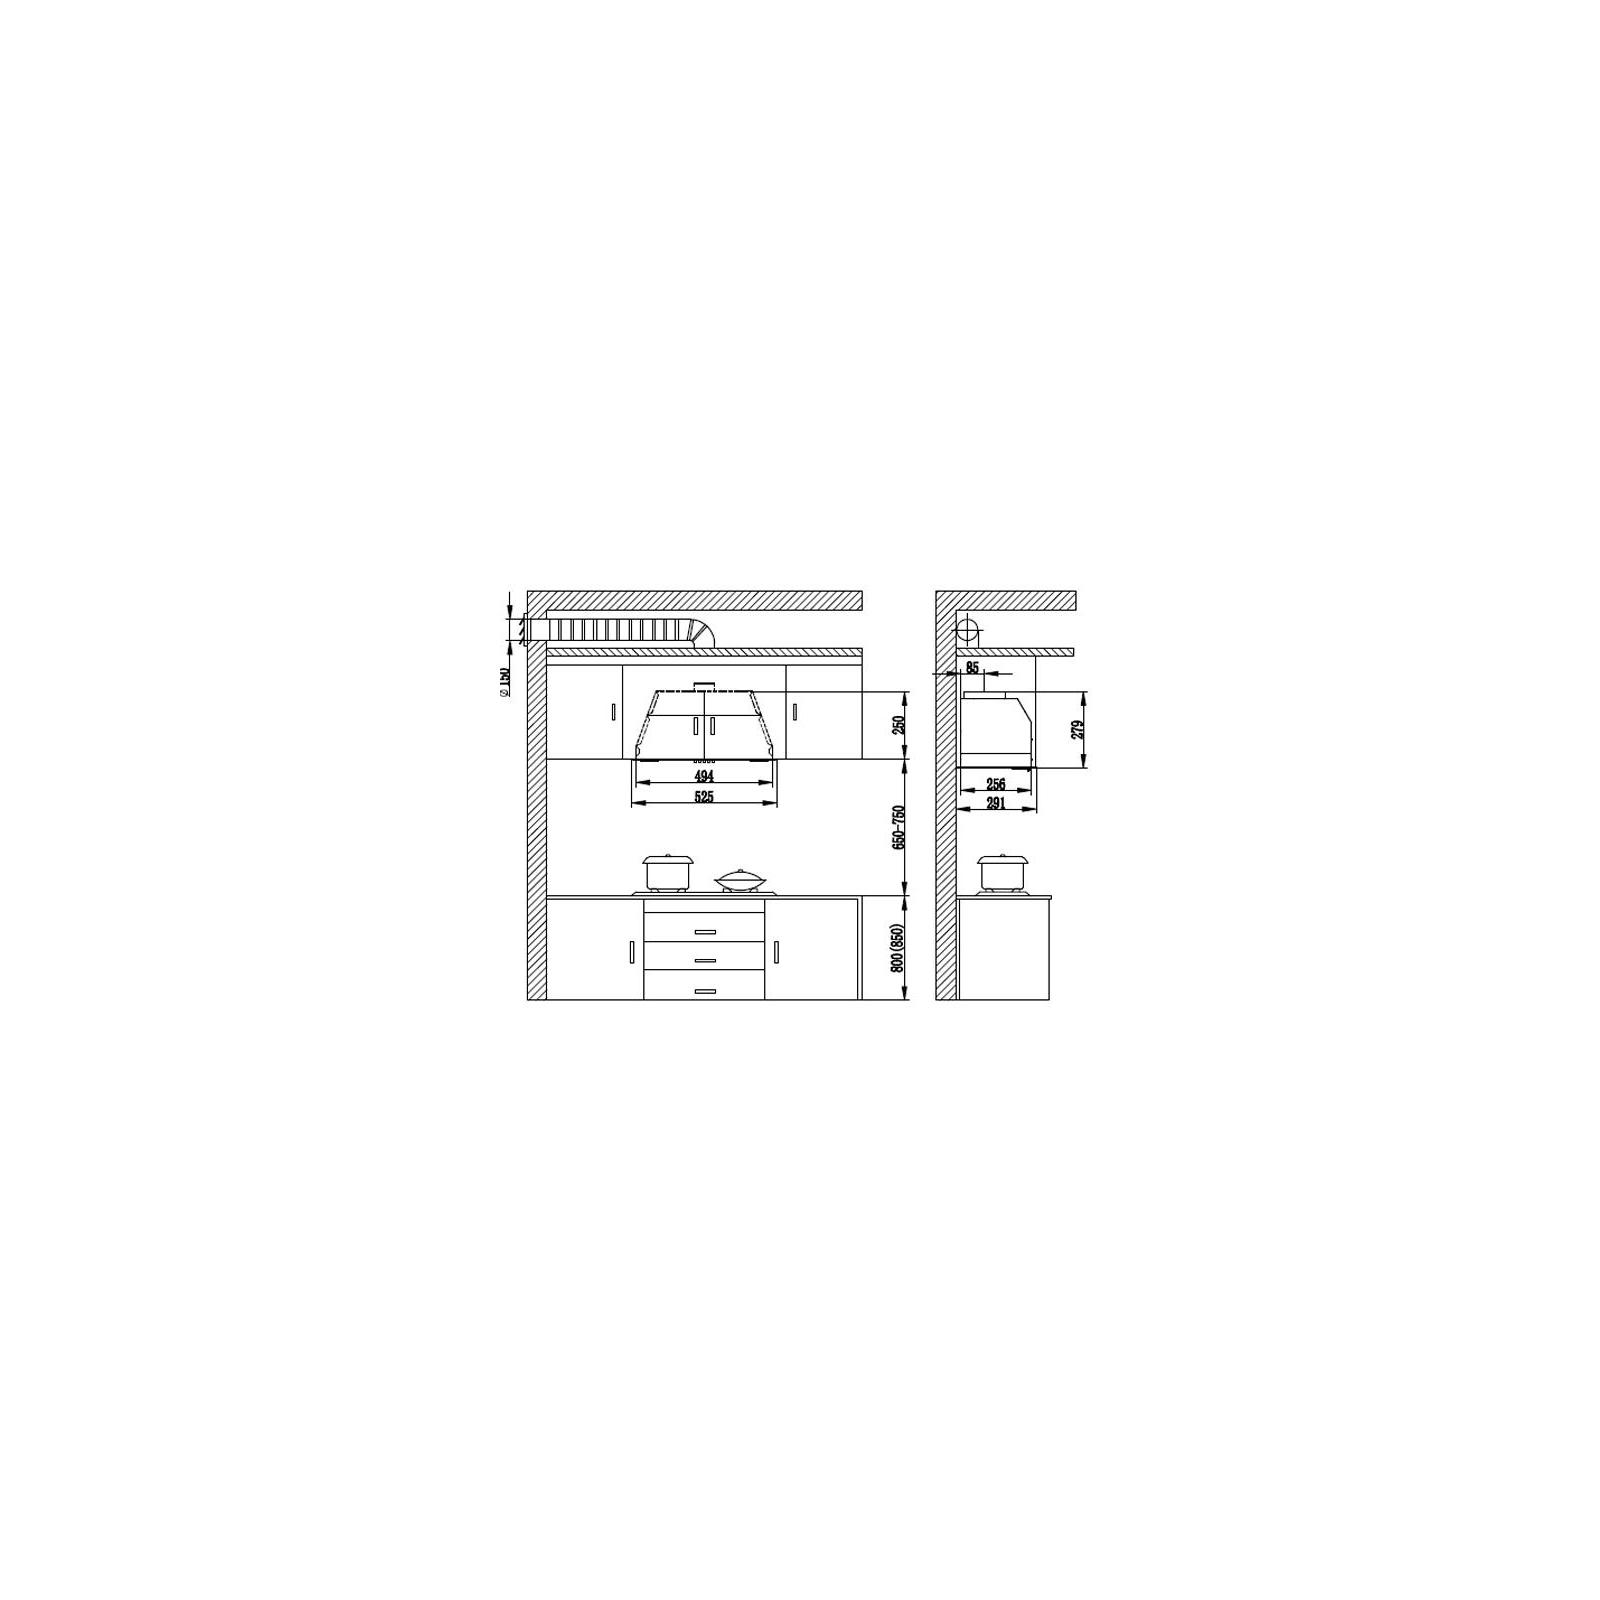 Вытяжка кухонная ZIRTAL GRUPPO 5 IX изображение 6